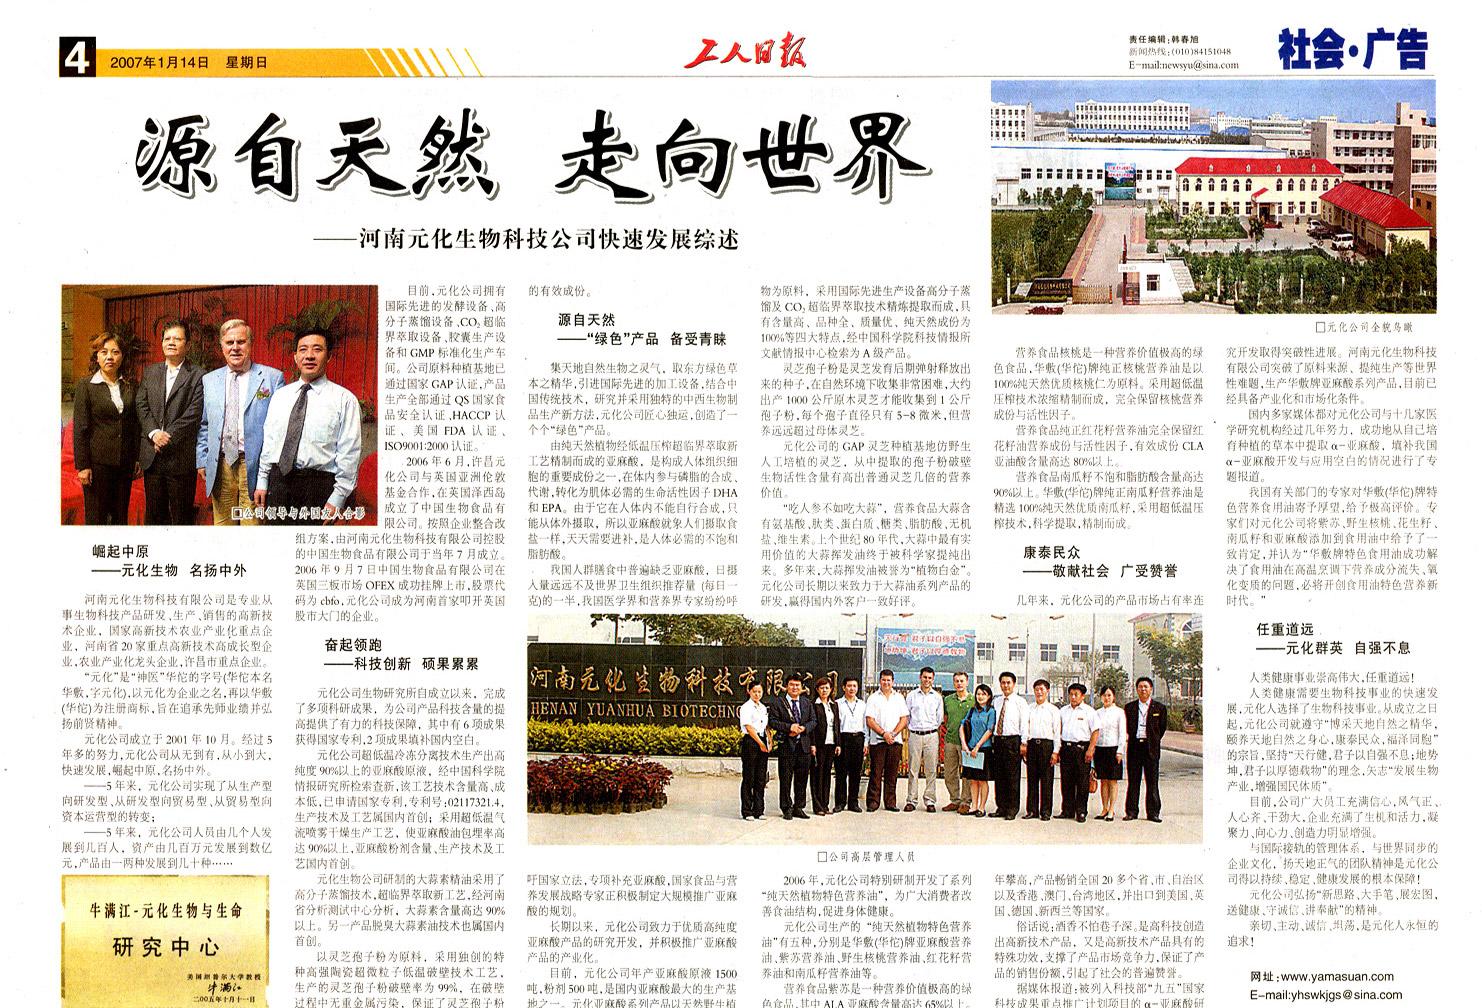 河南sunbet下载生物科技公司发展综述